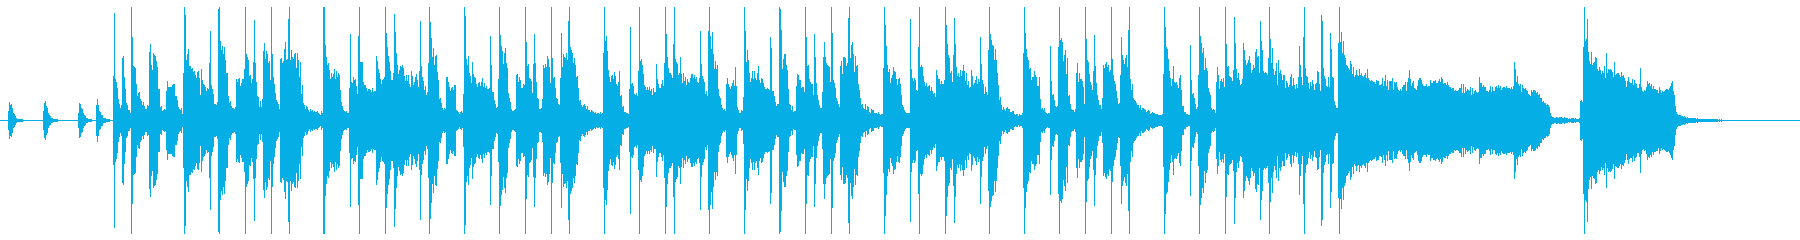 ファンキーなクラビネットの元気が出る曲の再生済みの波形